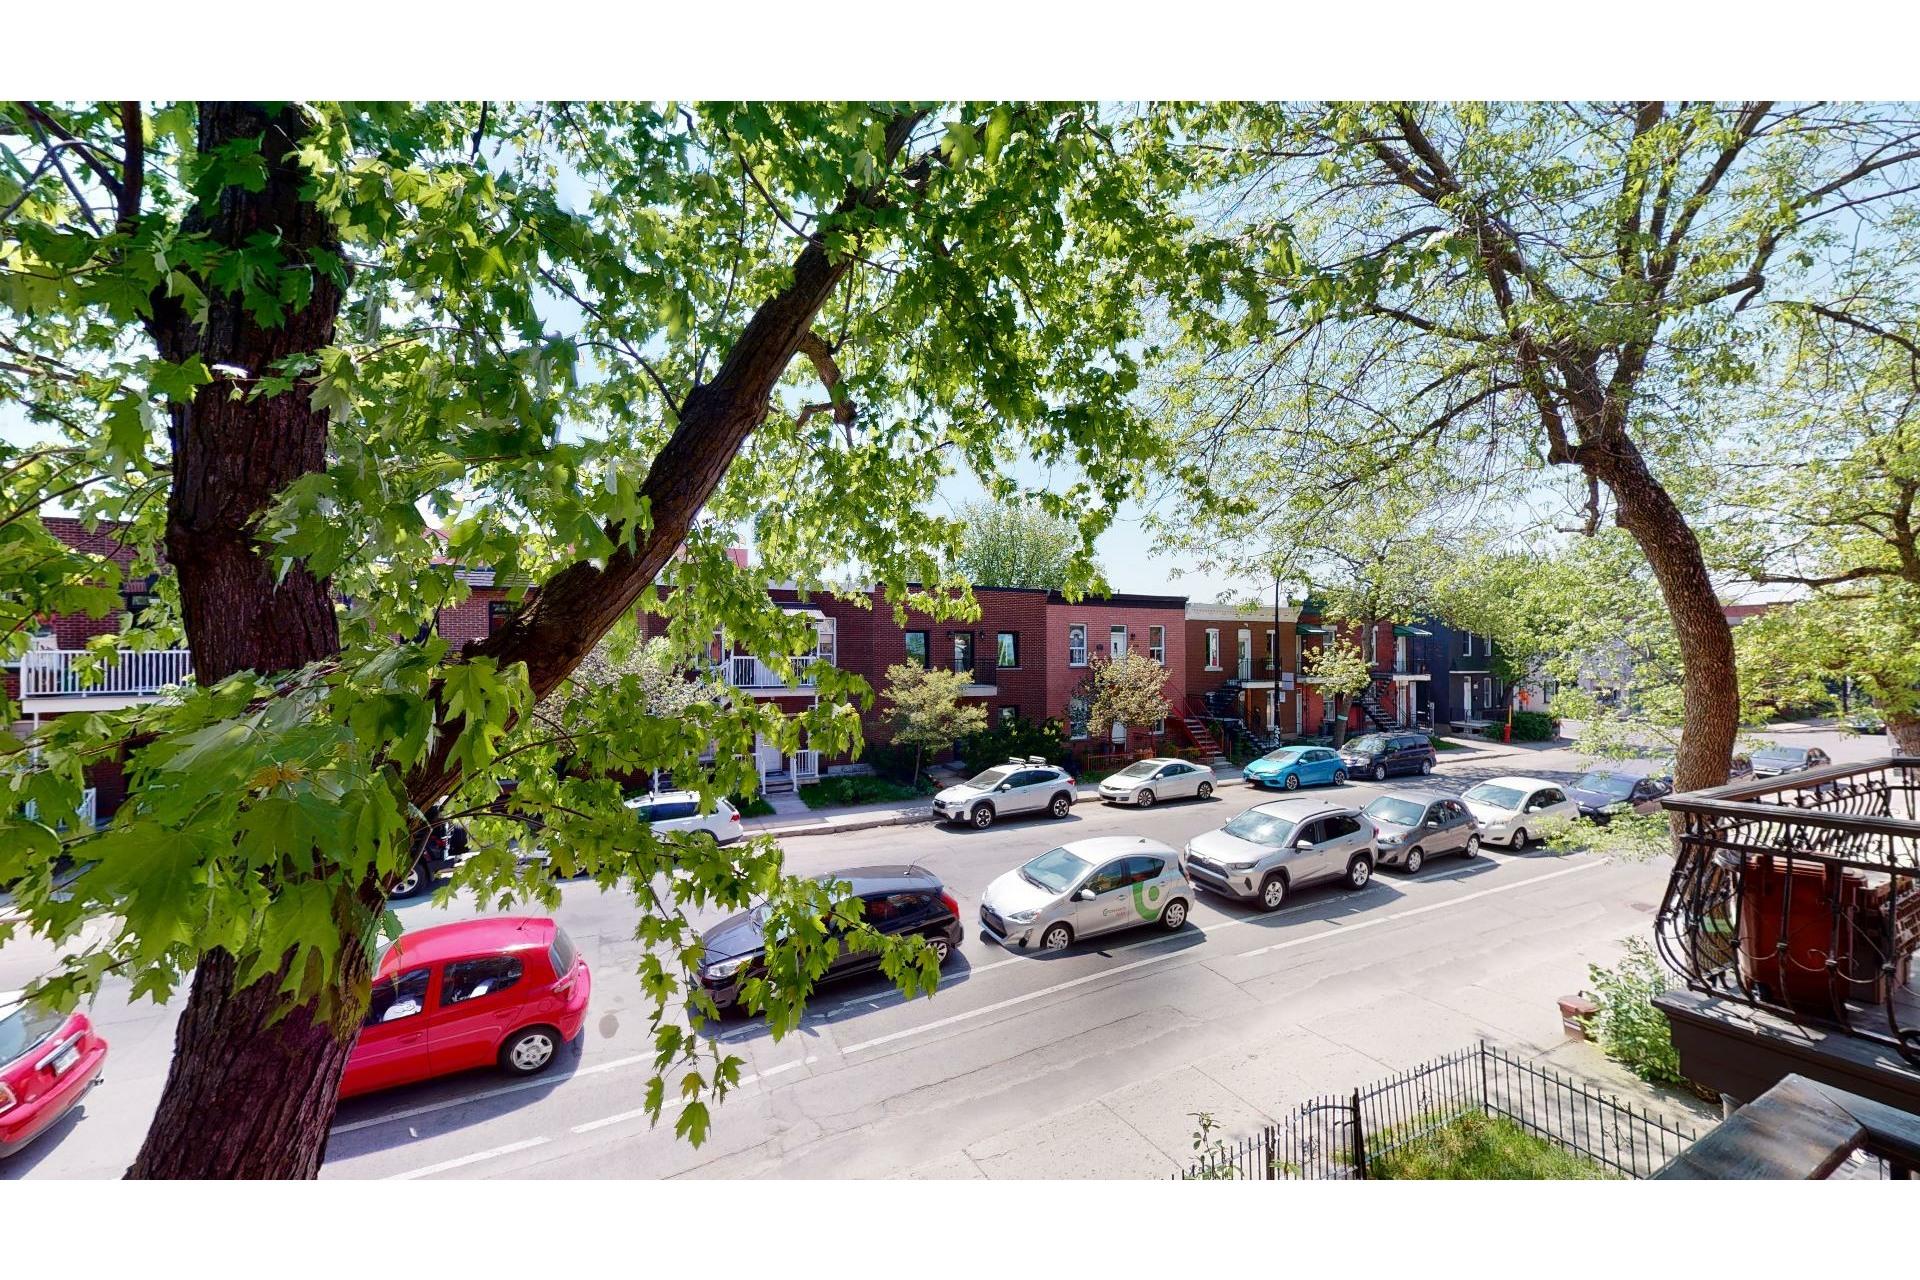 image 20 - Duplex À vendre Rosemont/La Petite-Patrie Montréal  - 4 pièces